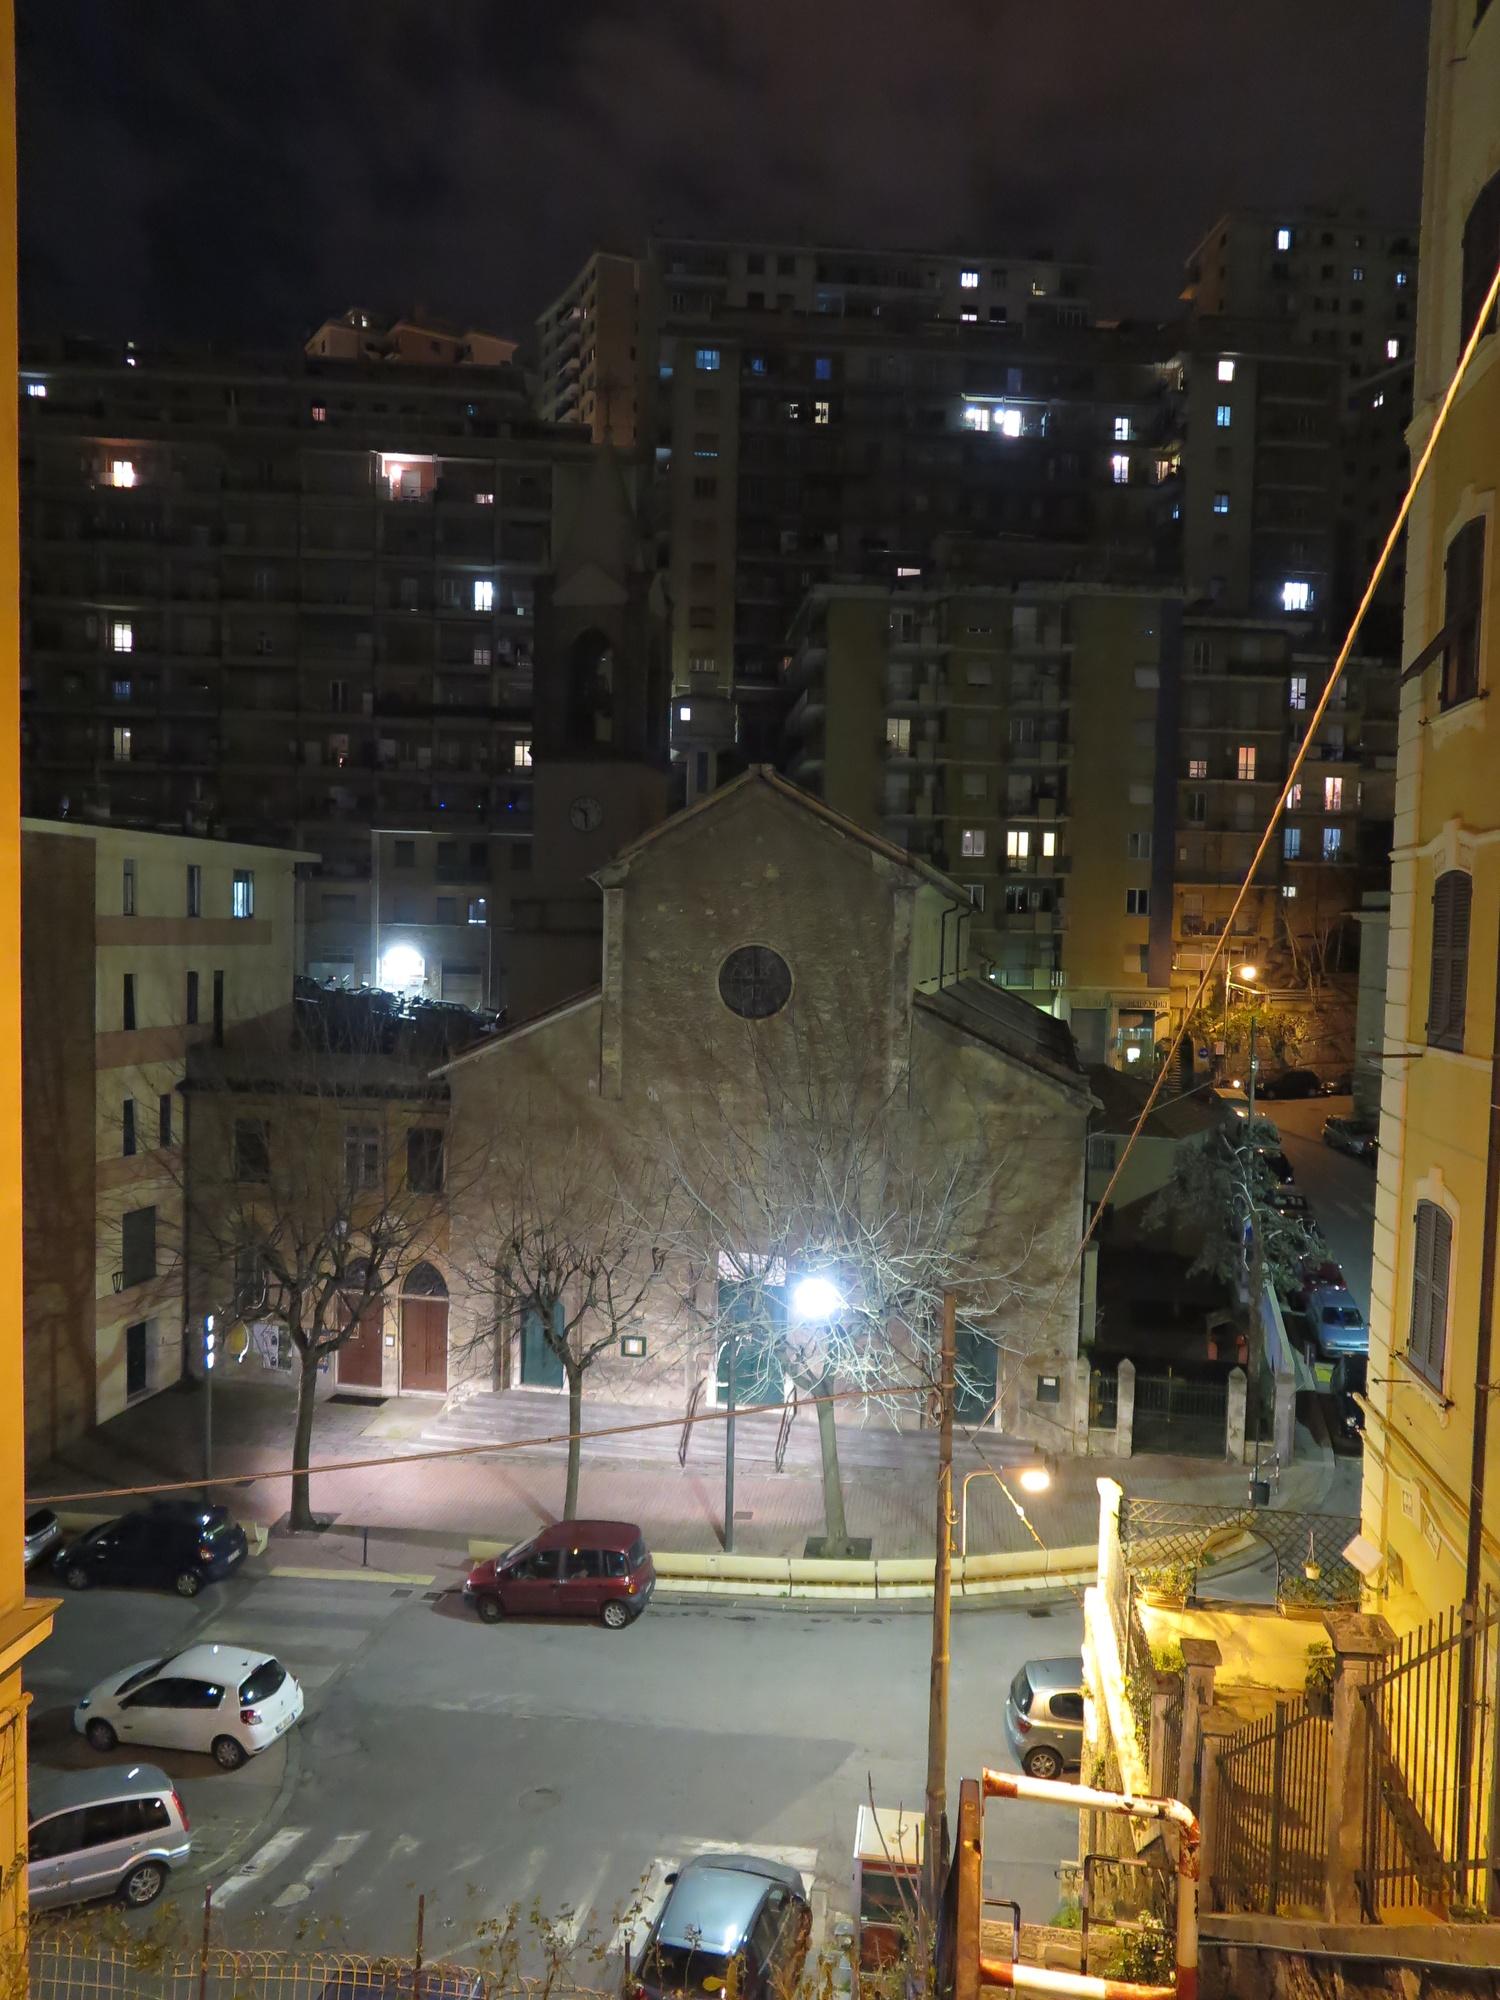 chiesa-esterno-notte-2016-03-07-22-30-46